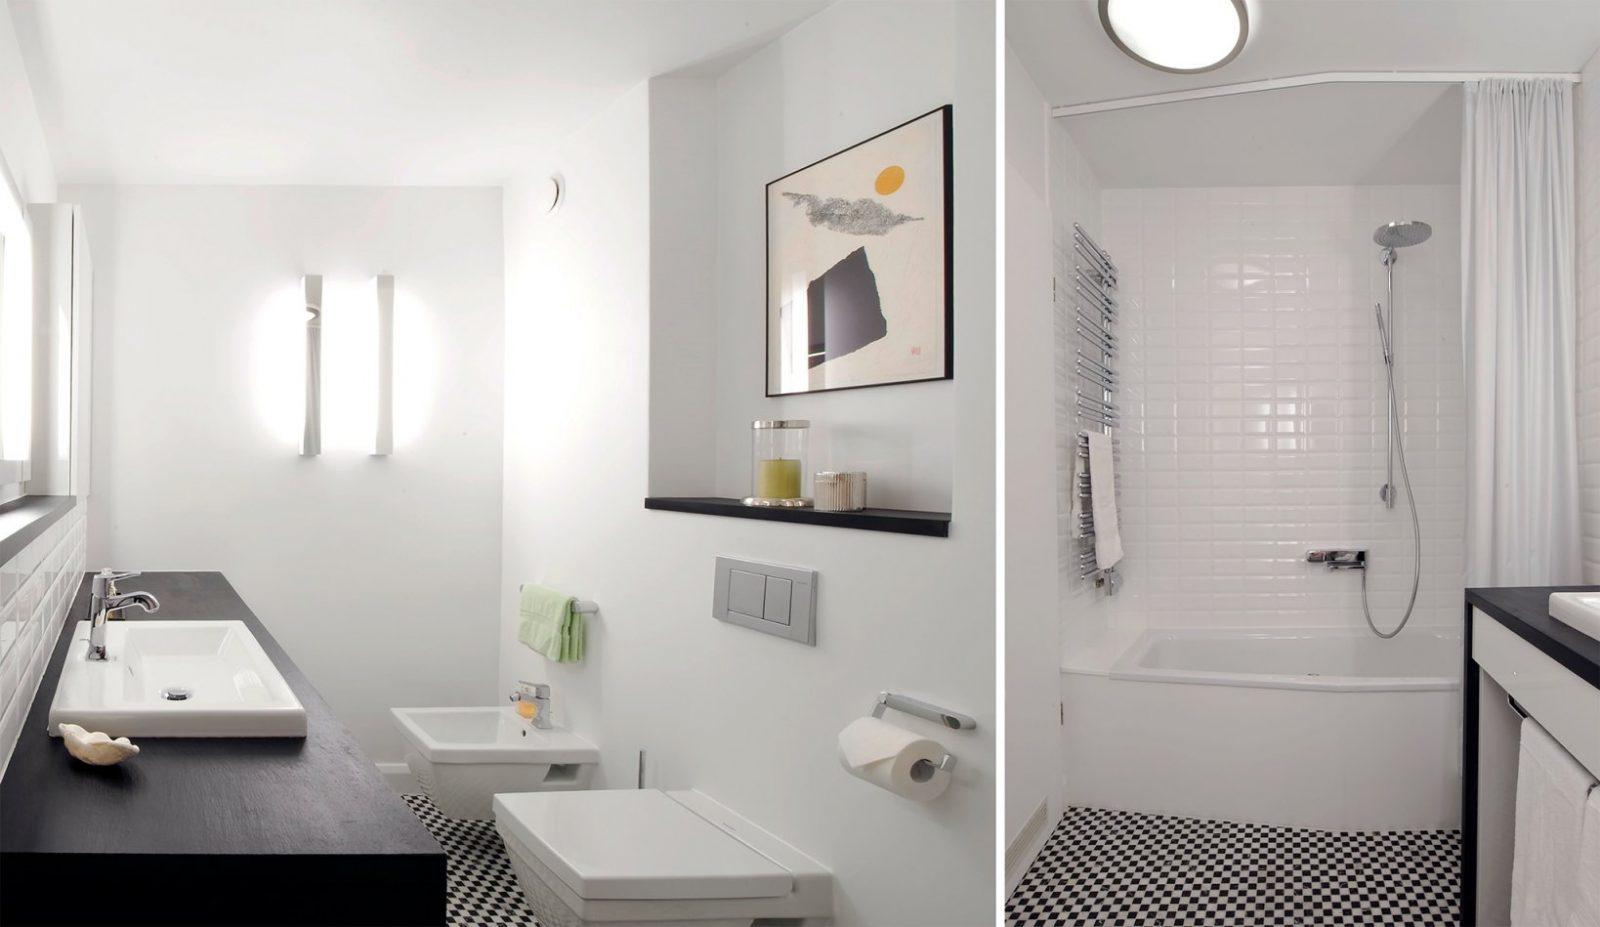 Bad Ohne Fenster Gestalten ▷ Tipps Ideen  Beispiele ᐁ von Kleines Bad Ohne Fenster Gestalten Photo